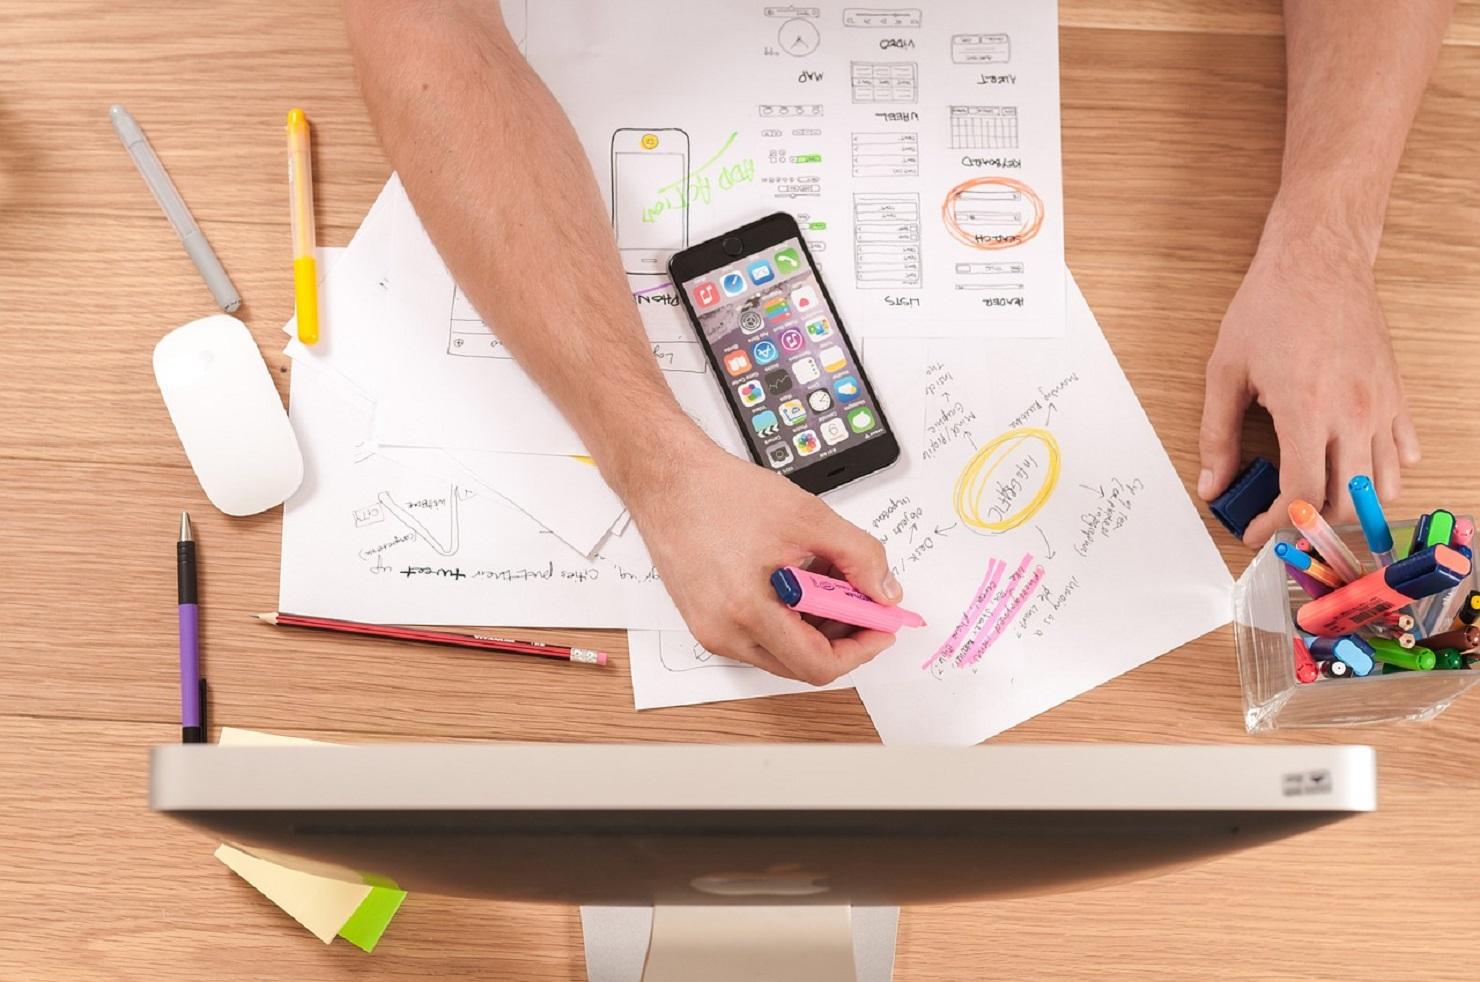 publicaciones digitales en móvil, cómo adaptarlas